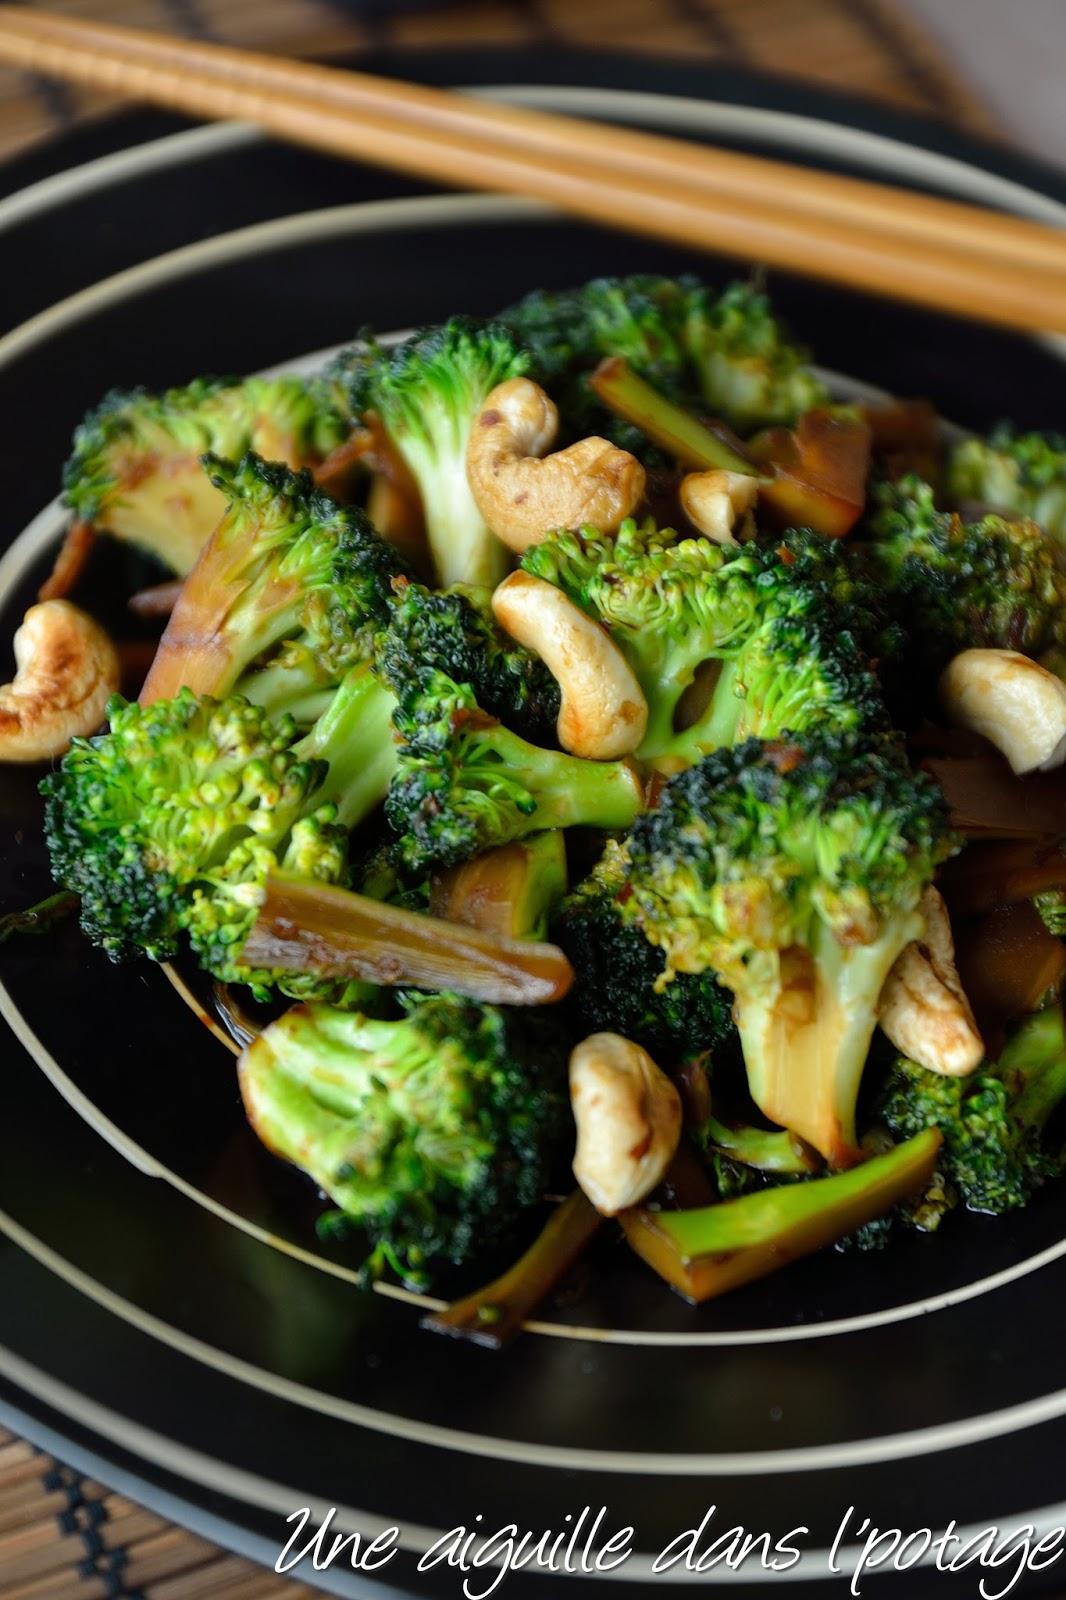 une aiguille dans l 39 potage wok de brocolis au gingembre et noix de cajou. Black Bedroom Furniture Sets. Home Design Ideas